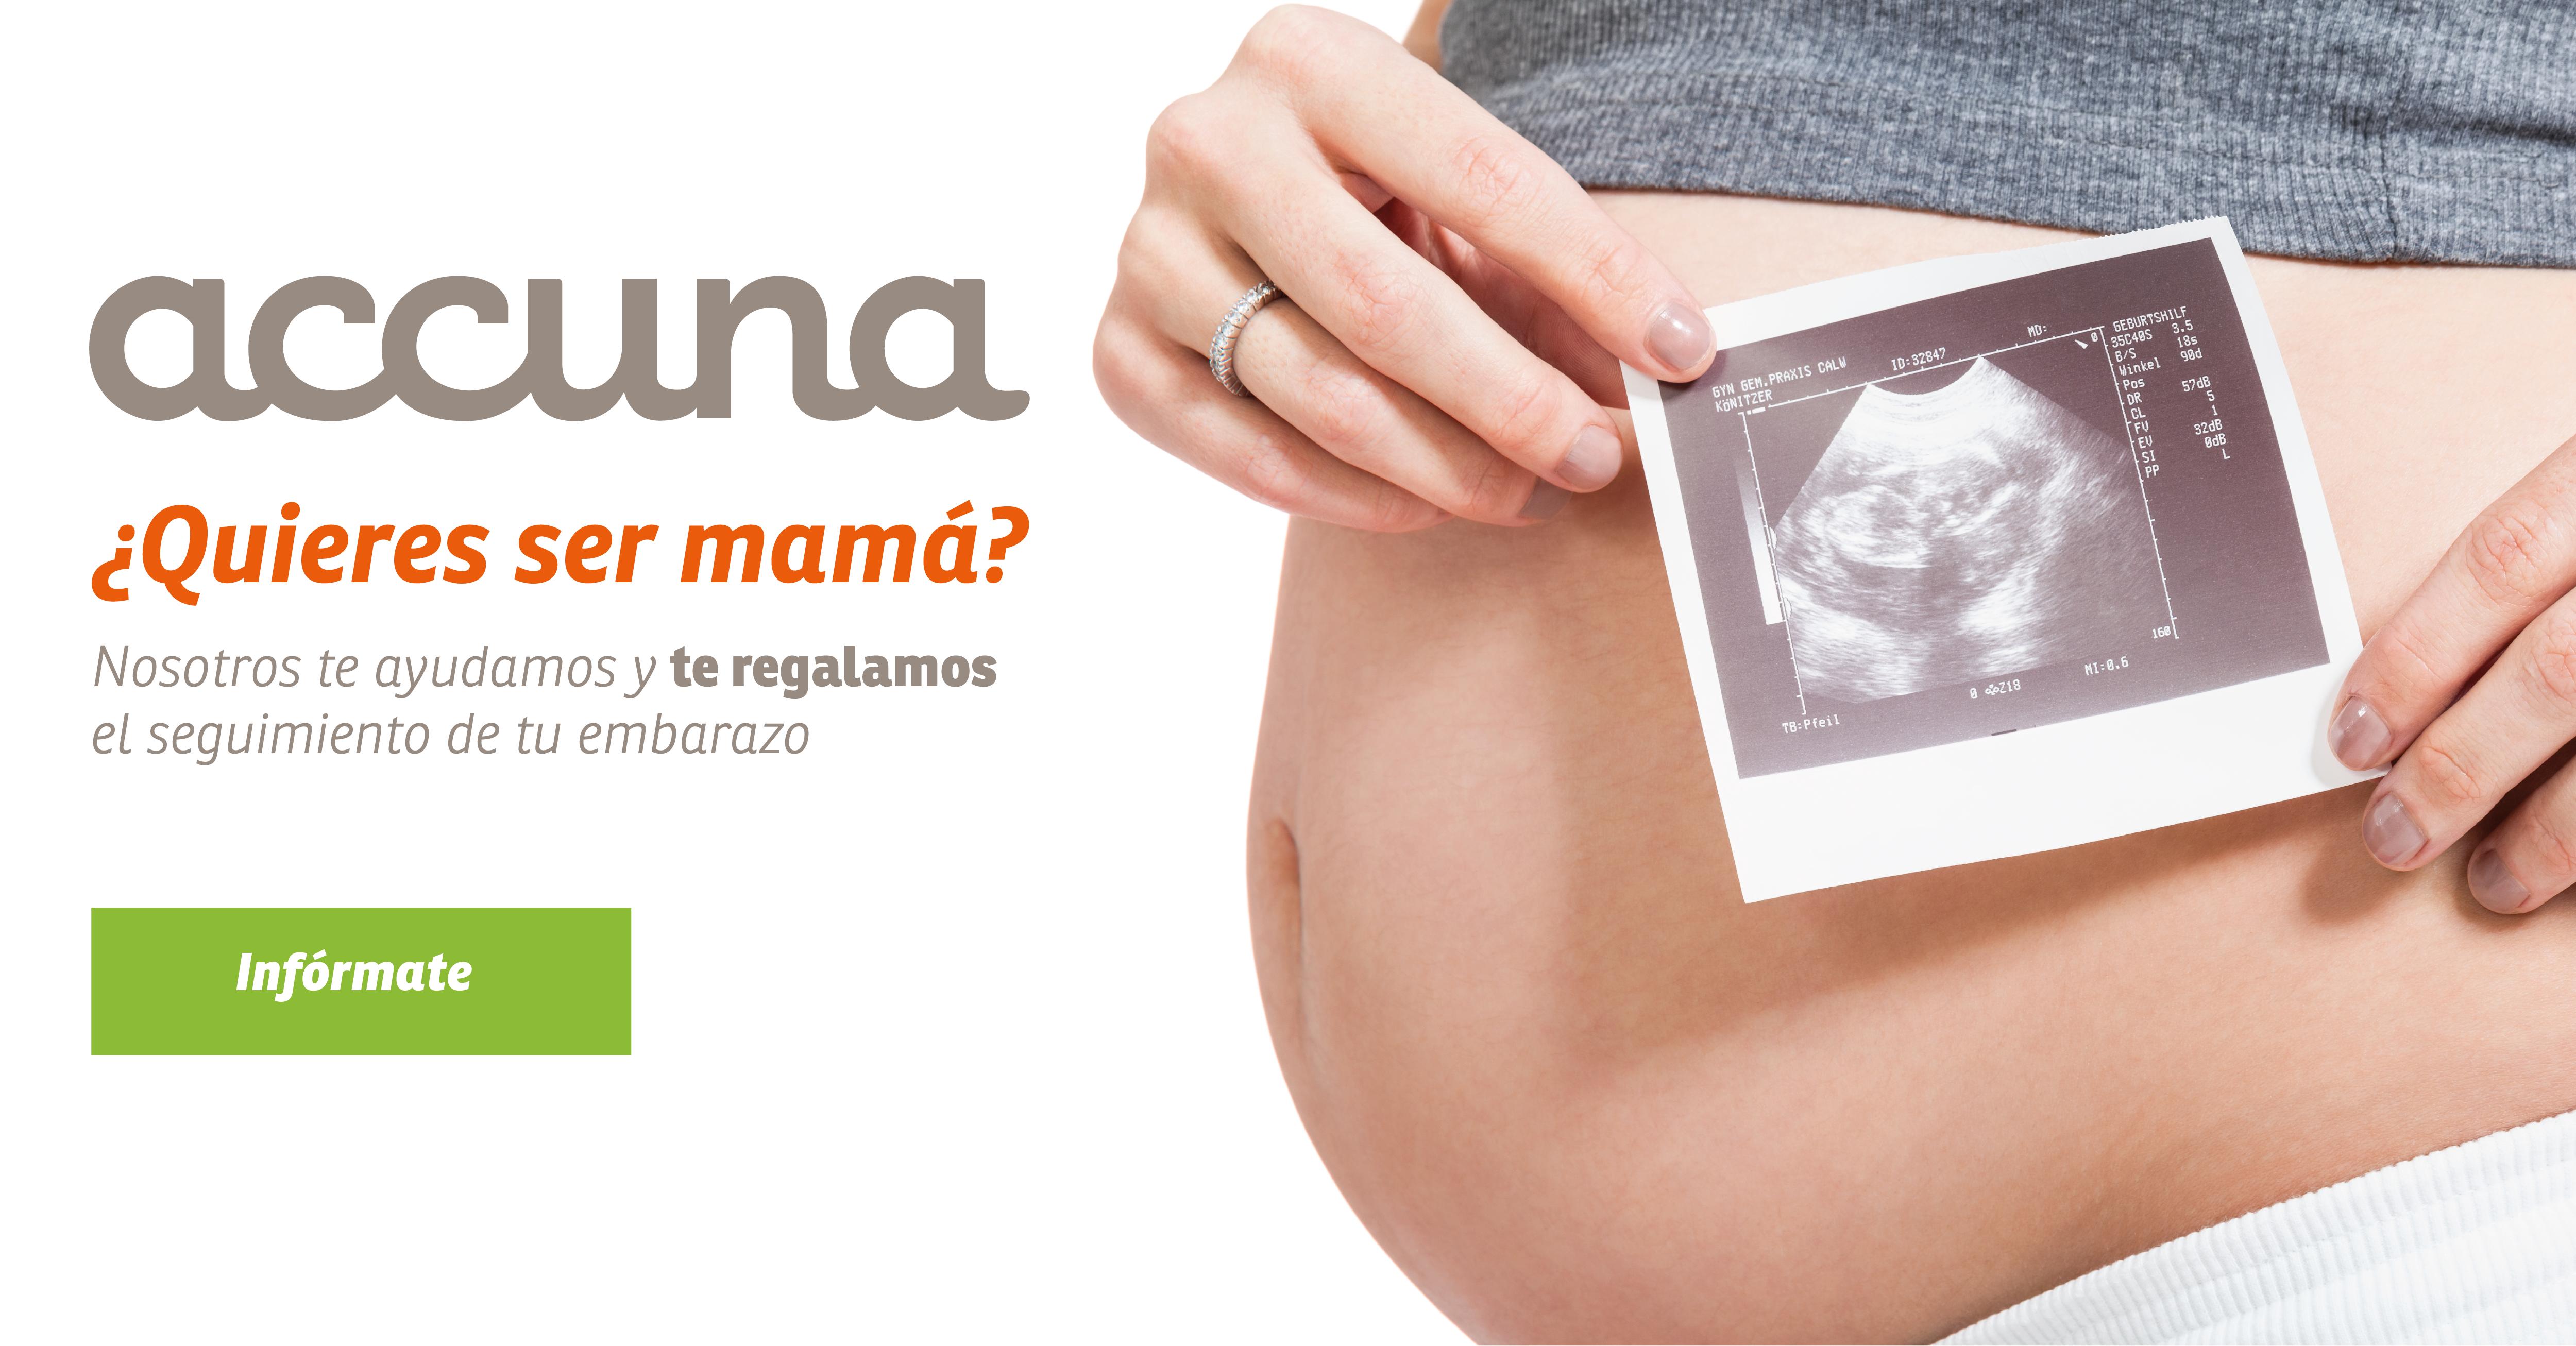 Contrata tu tratamiento de reproducción asistida antes del 30 de junio y disfruta de forma gratuita del seguimiento del embarazo